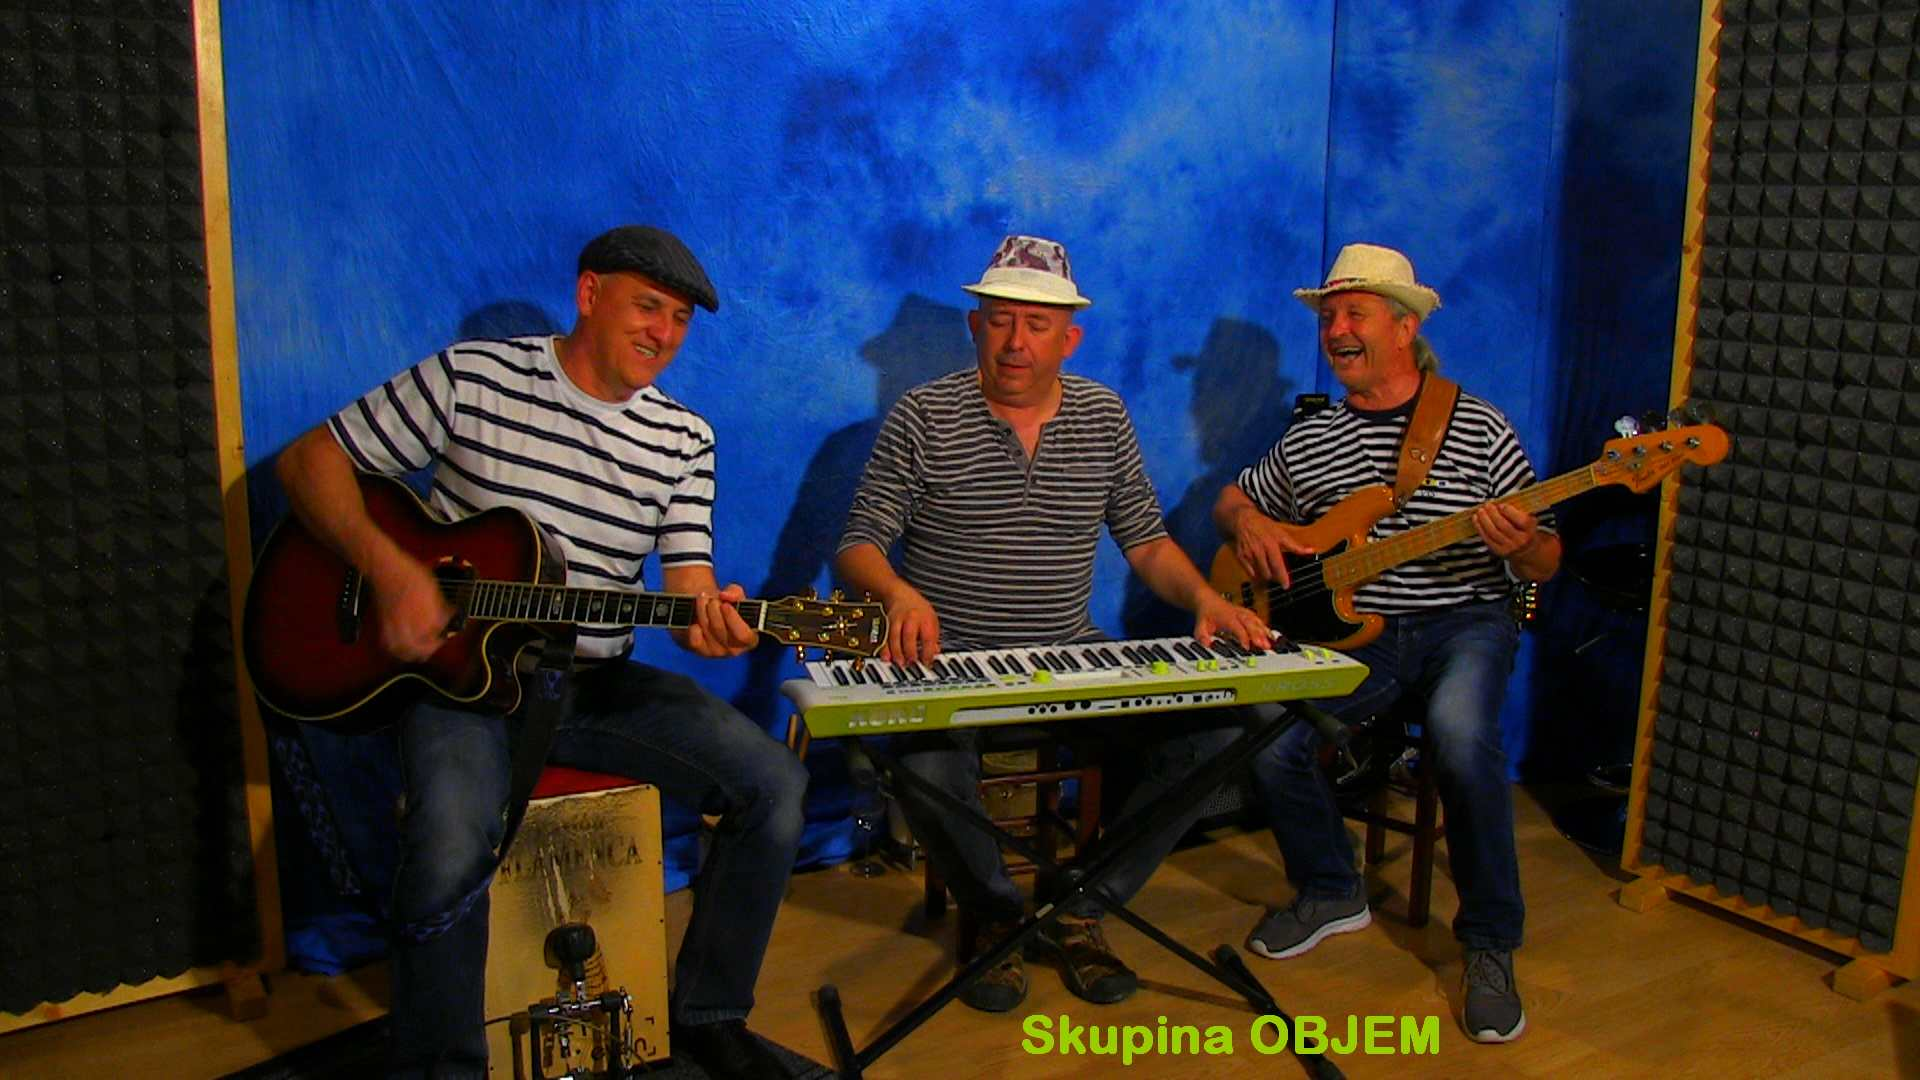 Video posnetki spot video spot glasbeniki muzikanti slovenska glasbena skupina band ansambel Objem